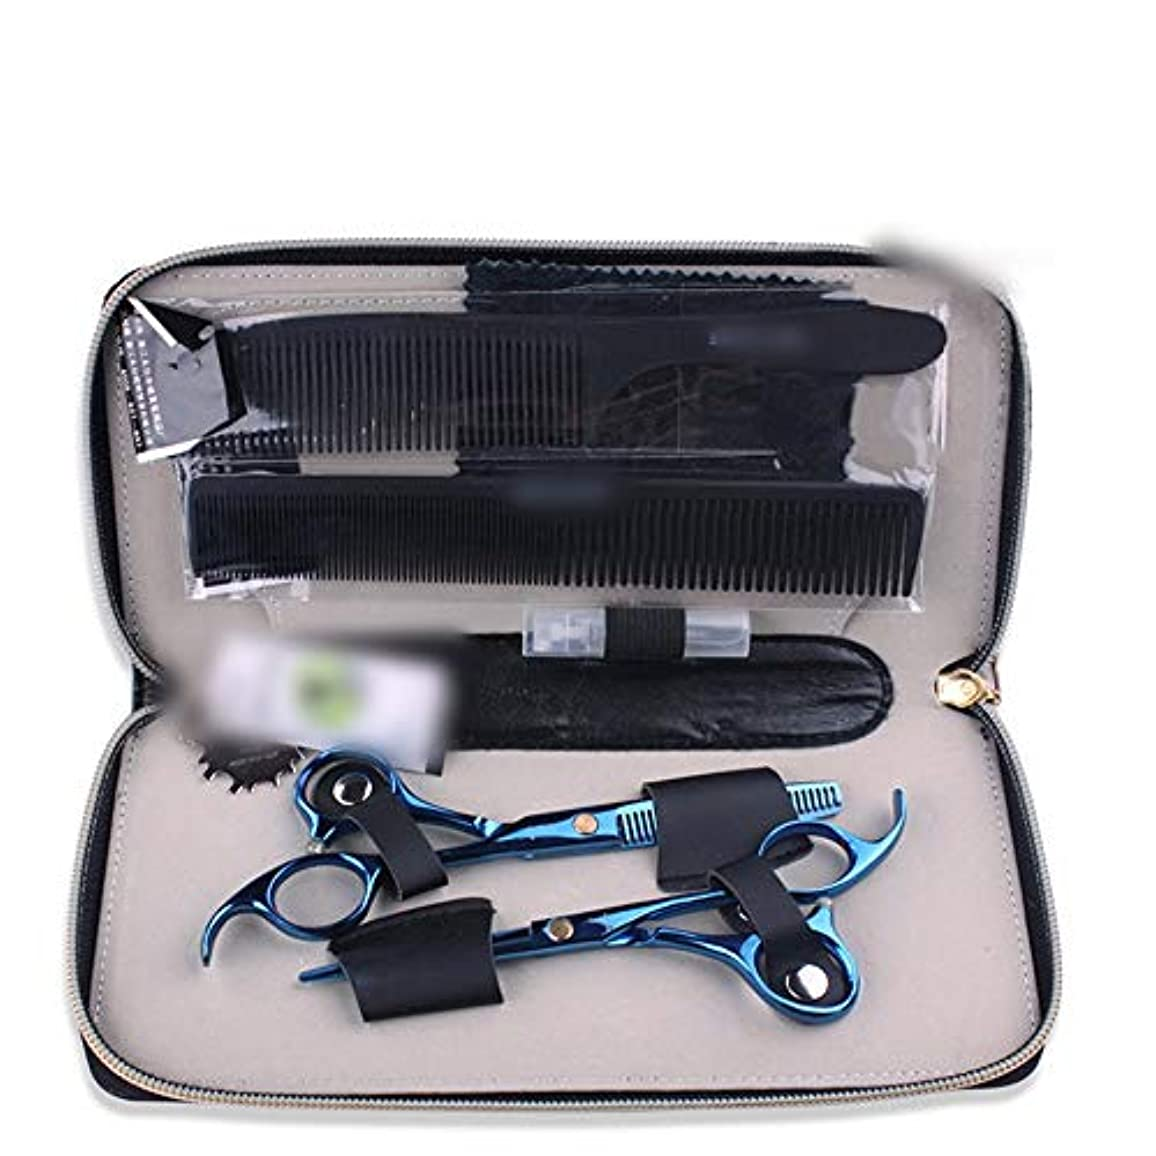 狭い指定毎週青い専門のはさみ5.5インチの理髪はさみセット モデリングツール (色 : 青)